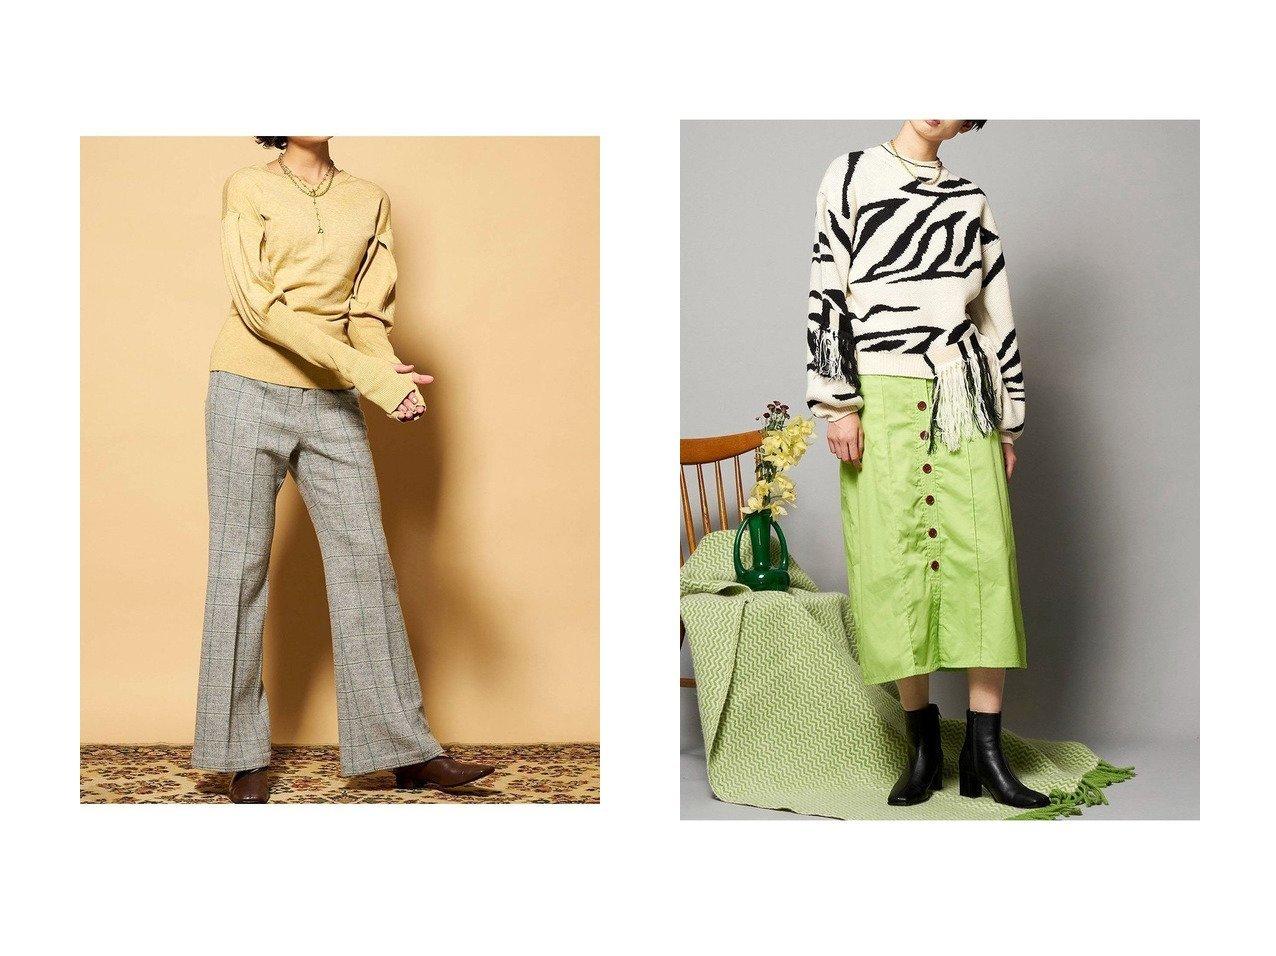 【MAISON SPECIAL/メゾンスペシャル】のゼブラジャカードフリンジニット&パフスリーブ2WAYニット トップス・カットソーのおすすめ!人気、レディースファッションの通販 おすすめで人気のファッション通販商品 インテリア・家具・キッズファッション・メンズファッション・レディースファッション・服の通販 founy(ファニー) https://founy.com/ ファッション Fashion レディース WOMEN トップス Tops Tshirt ニット Knit Tops プルオーバー Pullover スリーブ フリンジ |ID:crp329100000001942